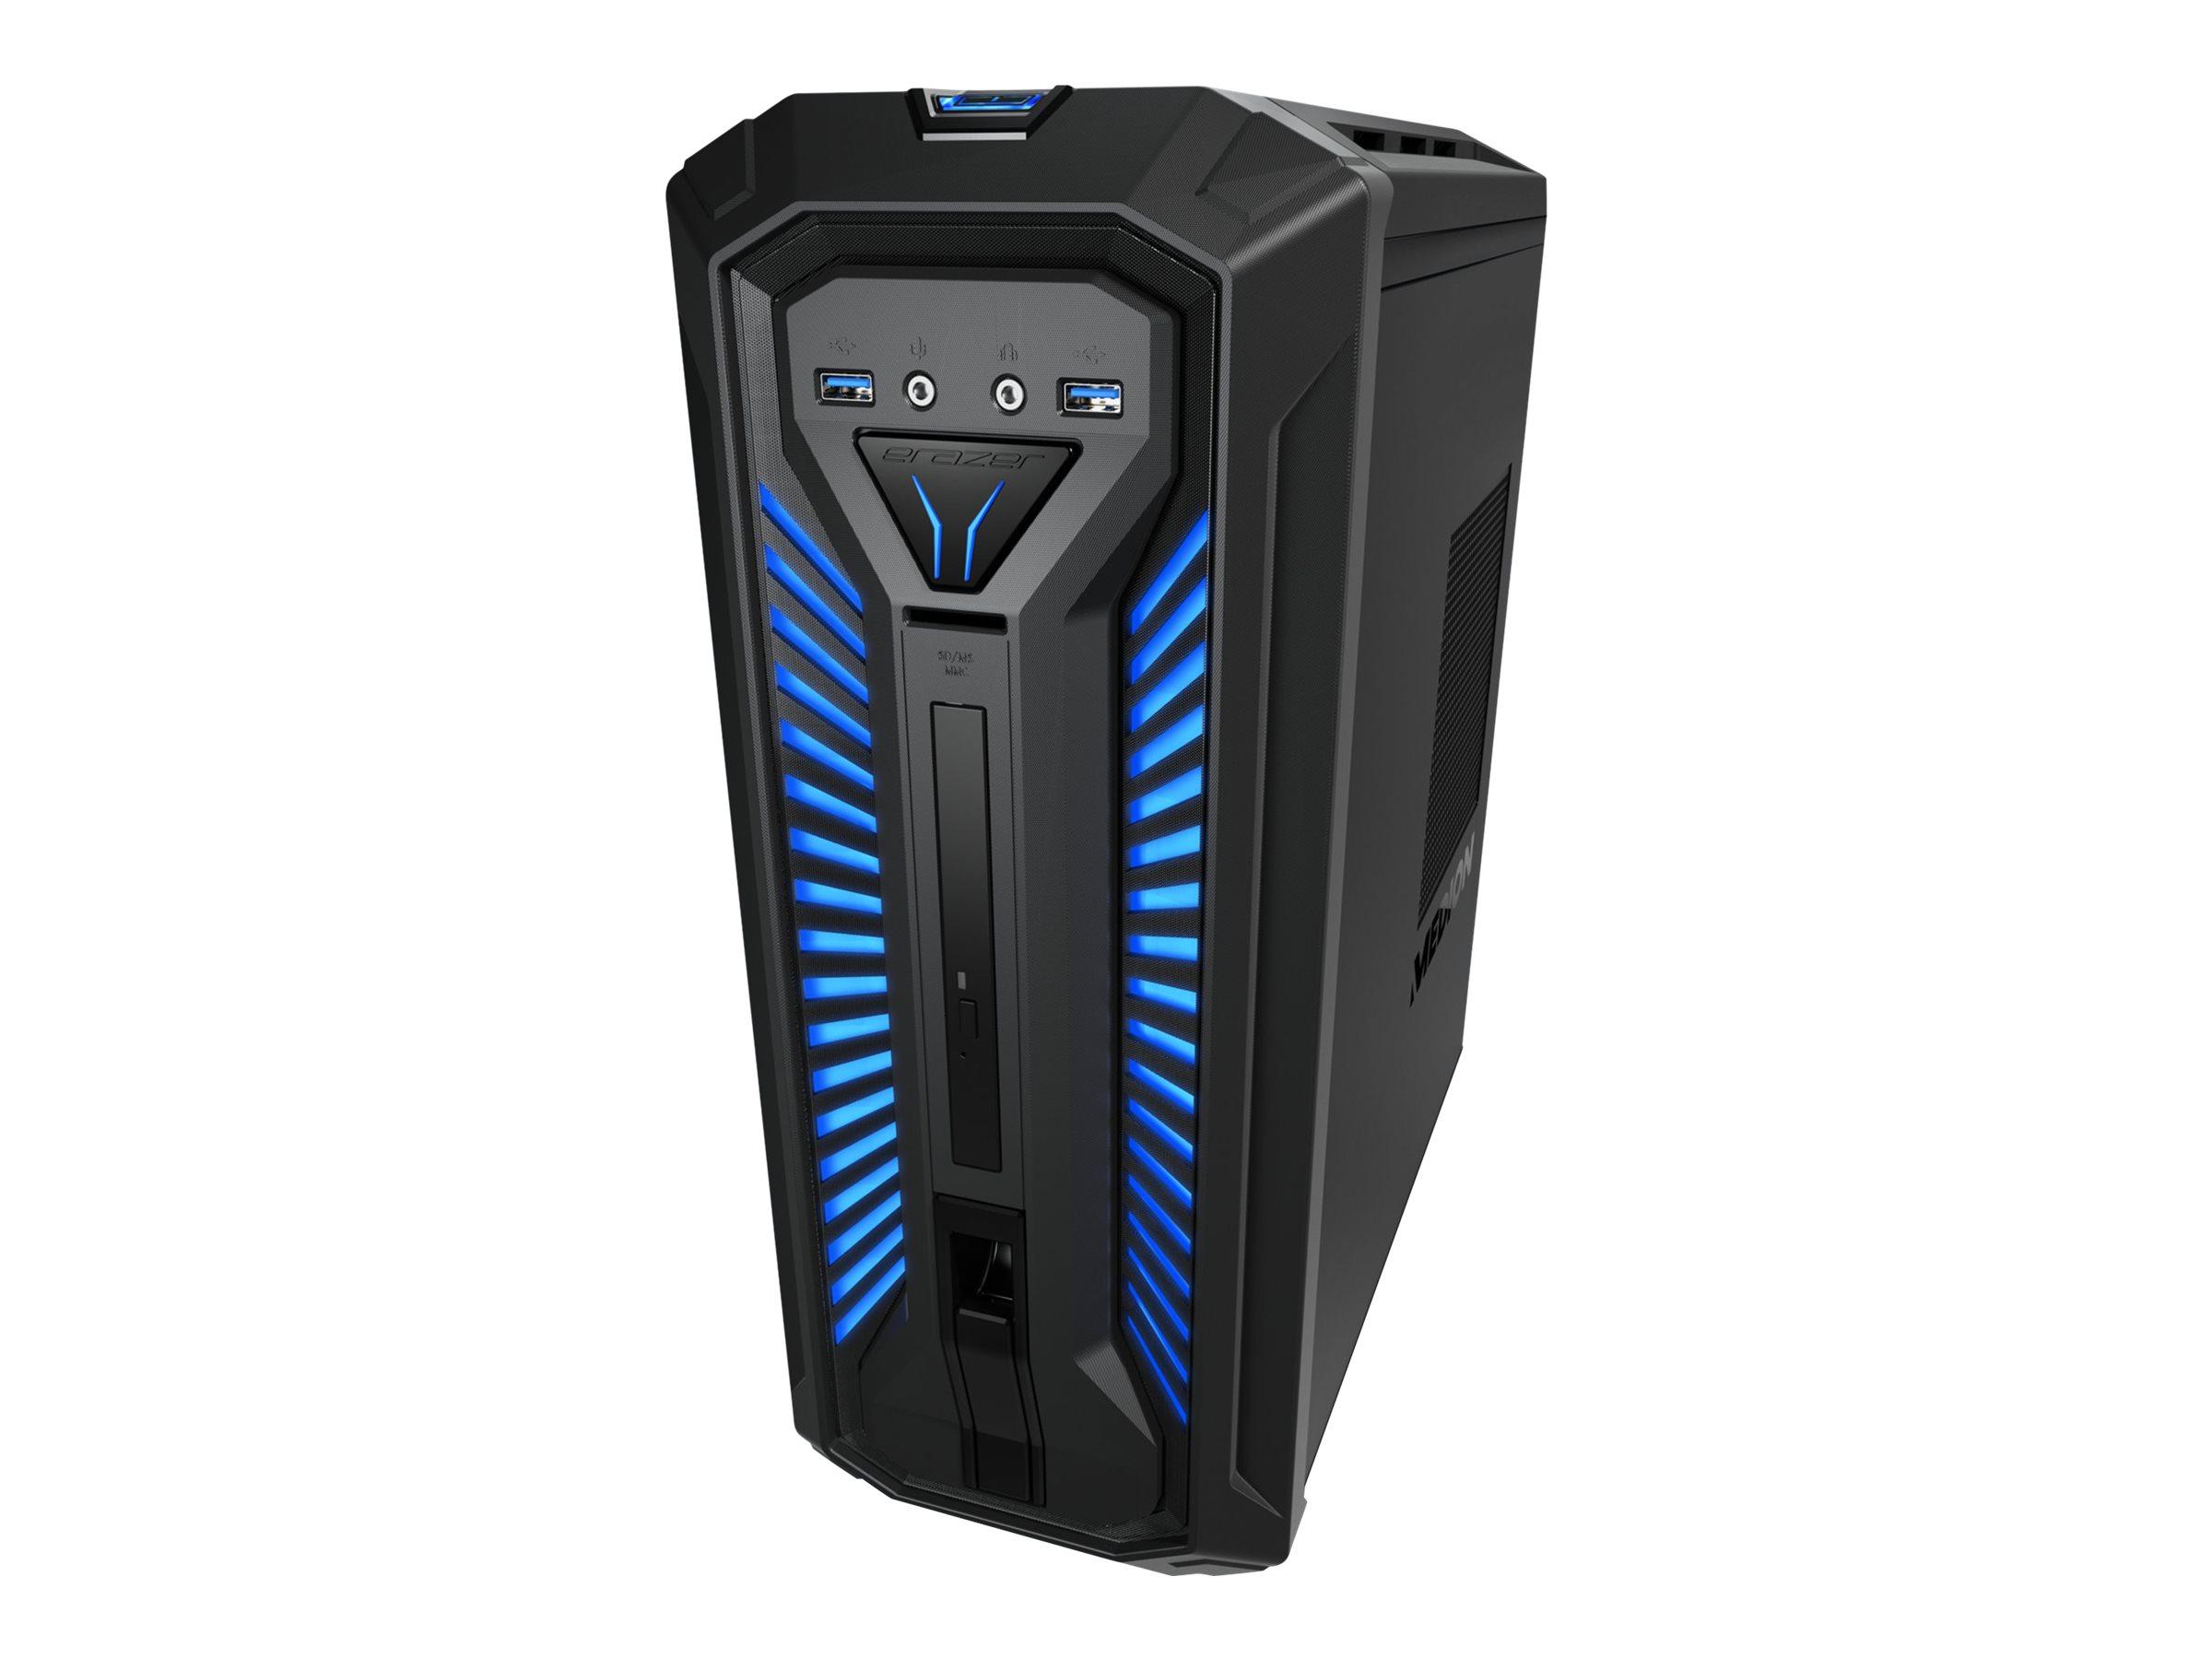 Medion ERAZER X67103 - Gaming Bundle - Tower - 1 x Core i5 9400 / 2.9 GHz - RAM 16 GB - SSD 256 GB, HDD 1 TB